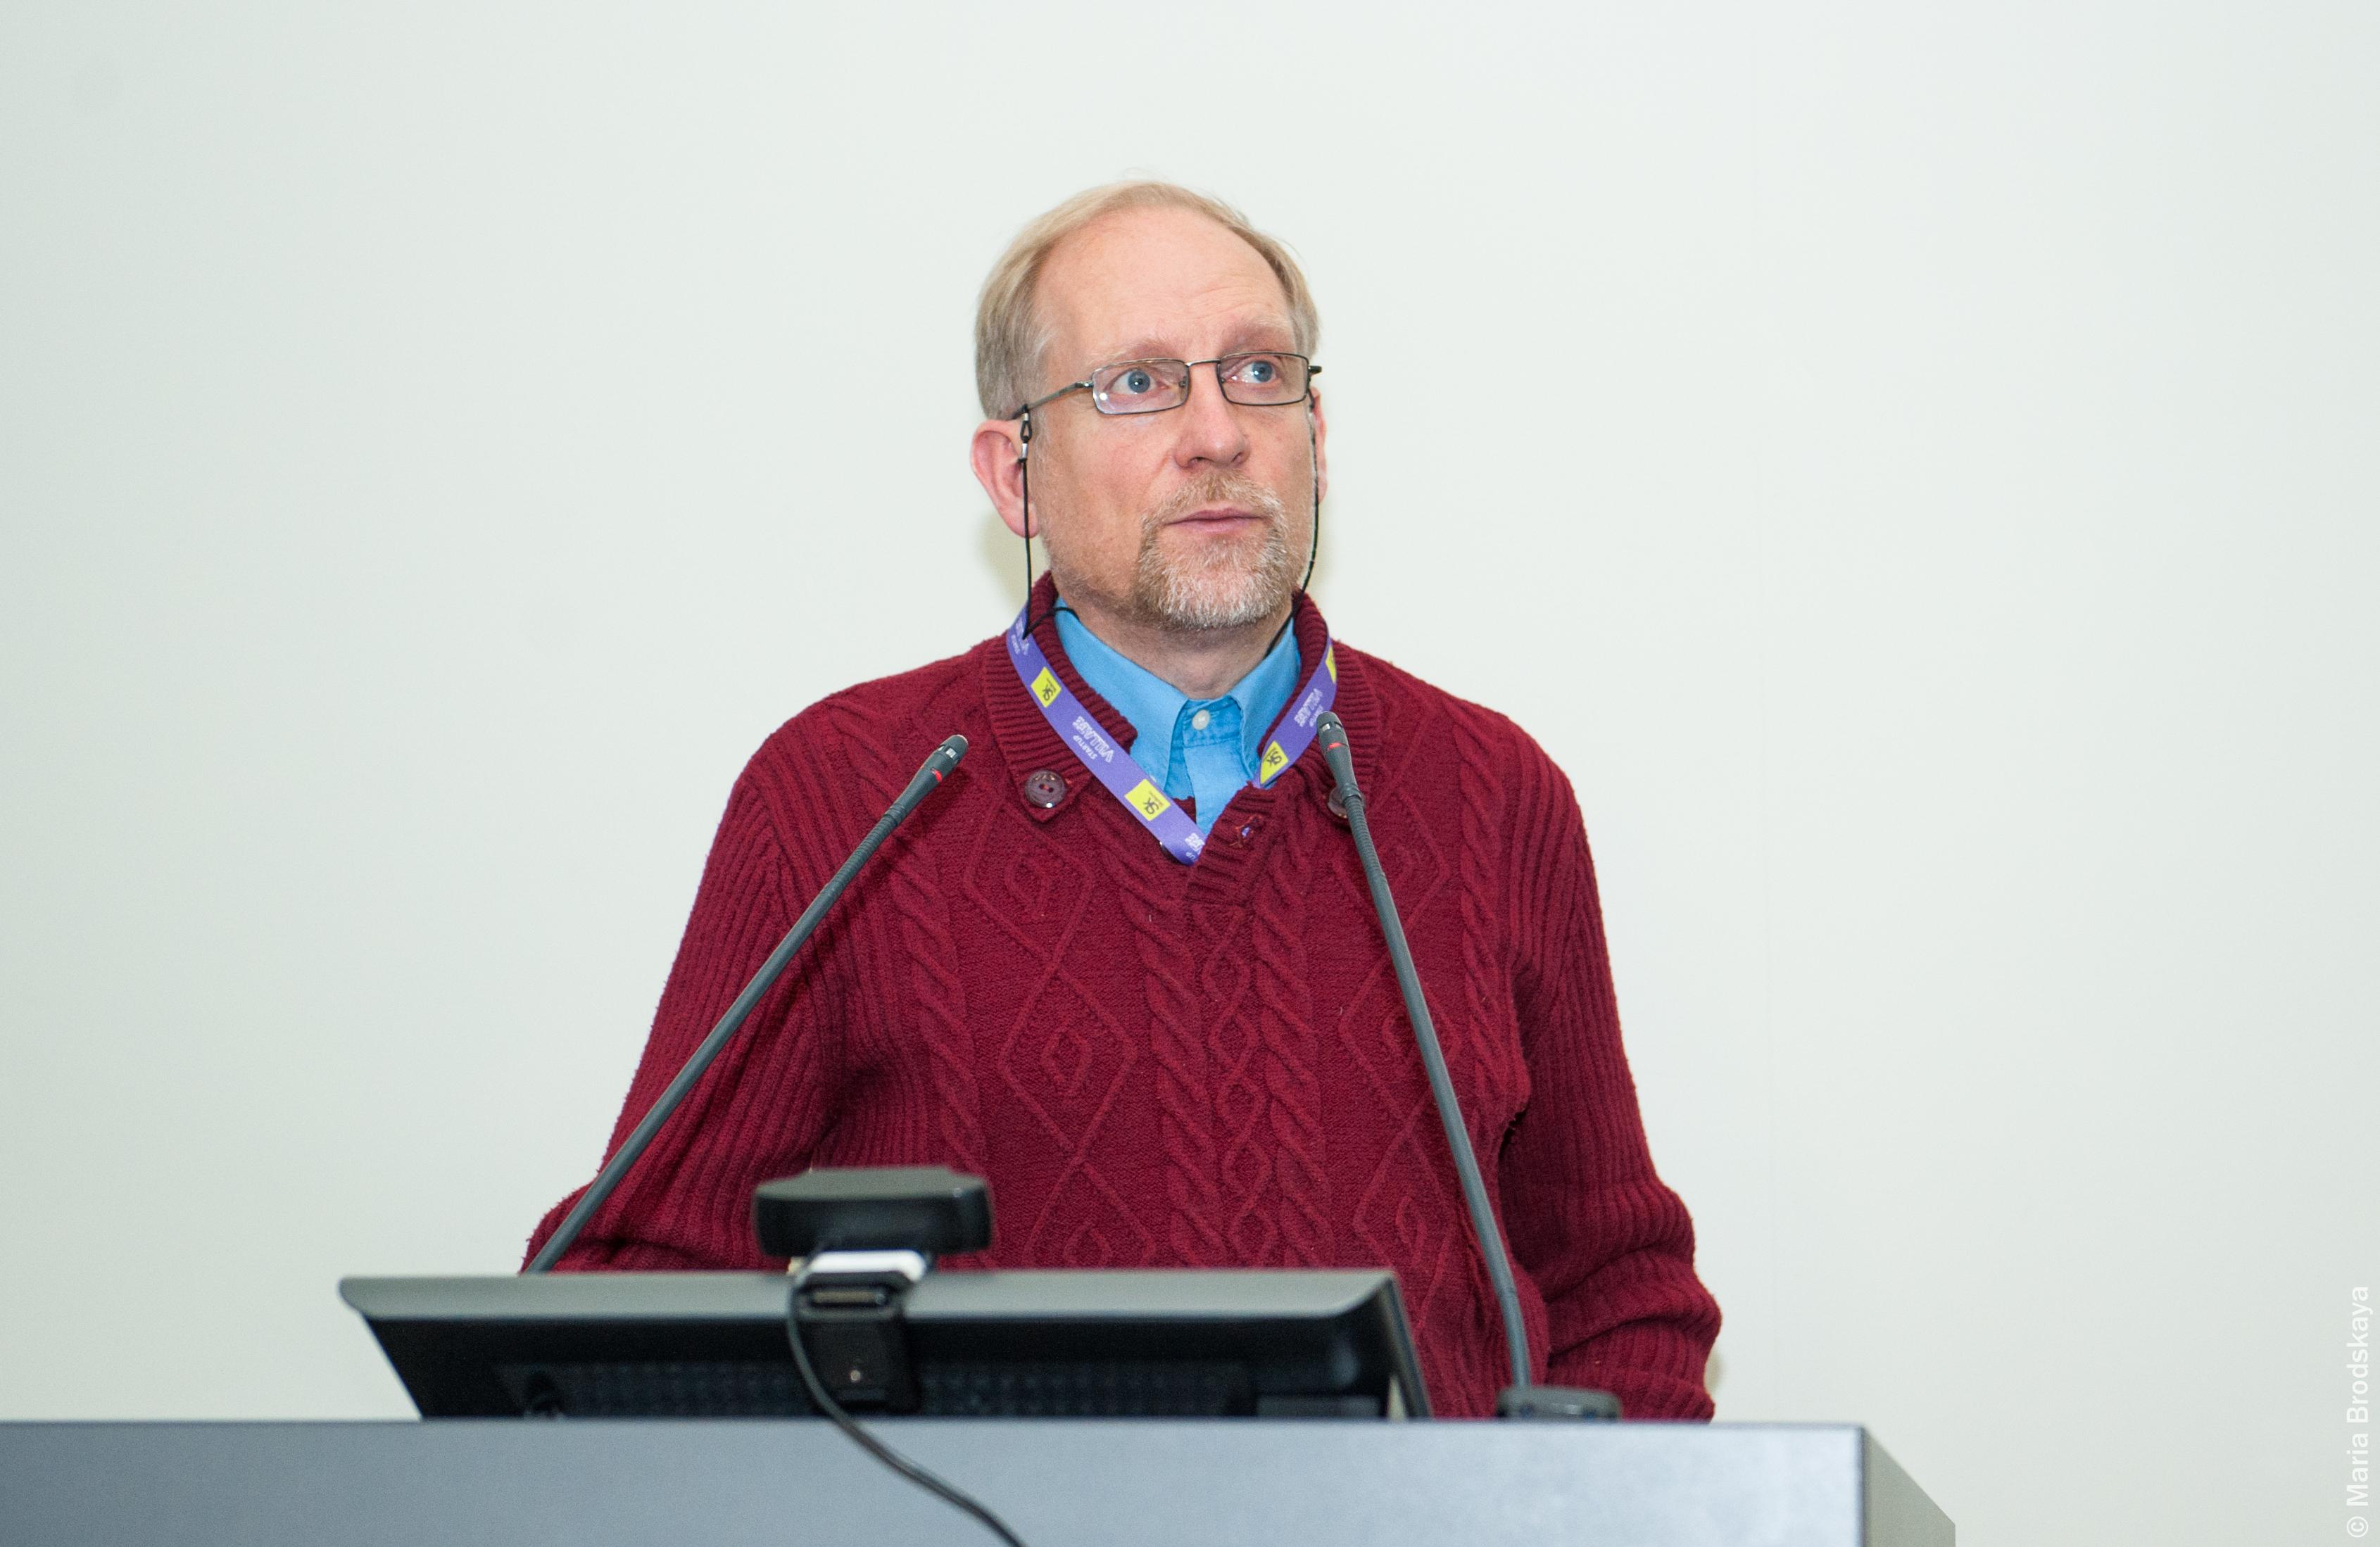 Доклад на Шмидтовском семинаре по сверхпроводимости